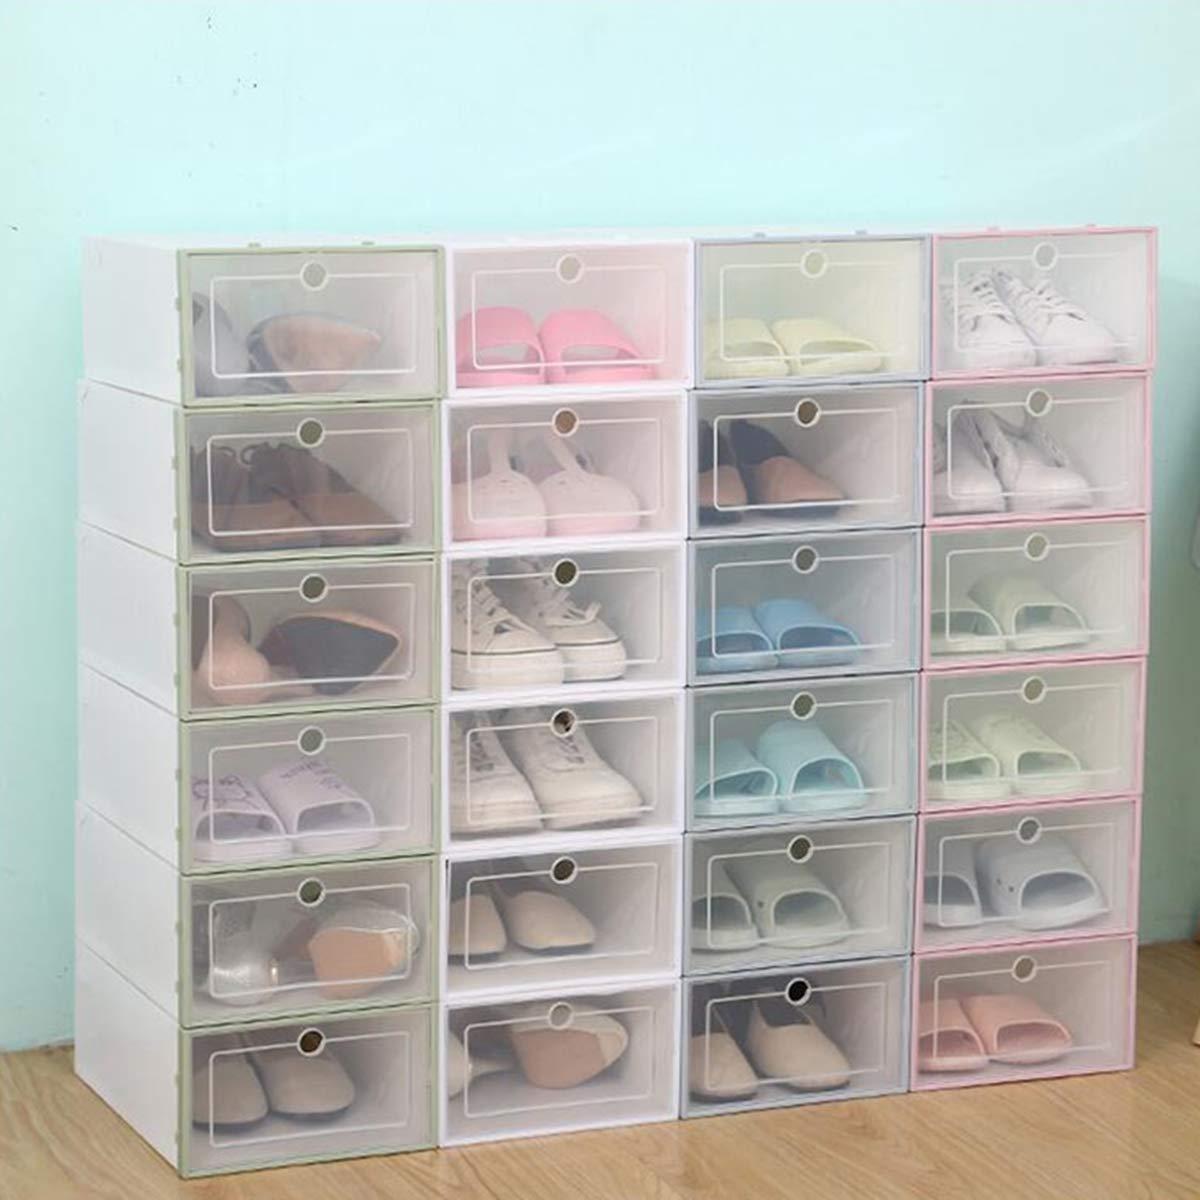 TuToy Cajas De Zapatos De Plástico Transparentes Plegables Case Apilable Tidy De Almacenamiento Organizador Caja Única - Verde